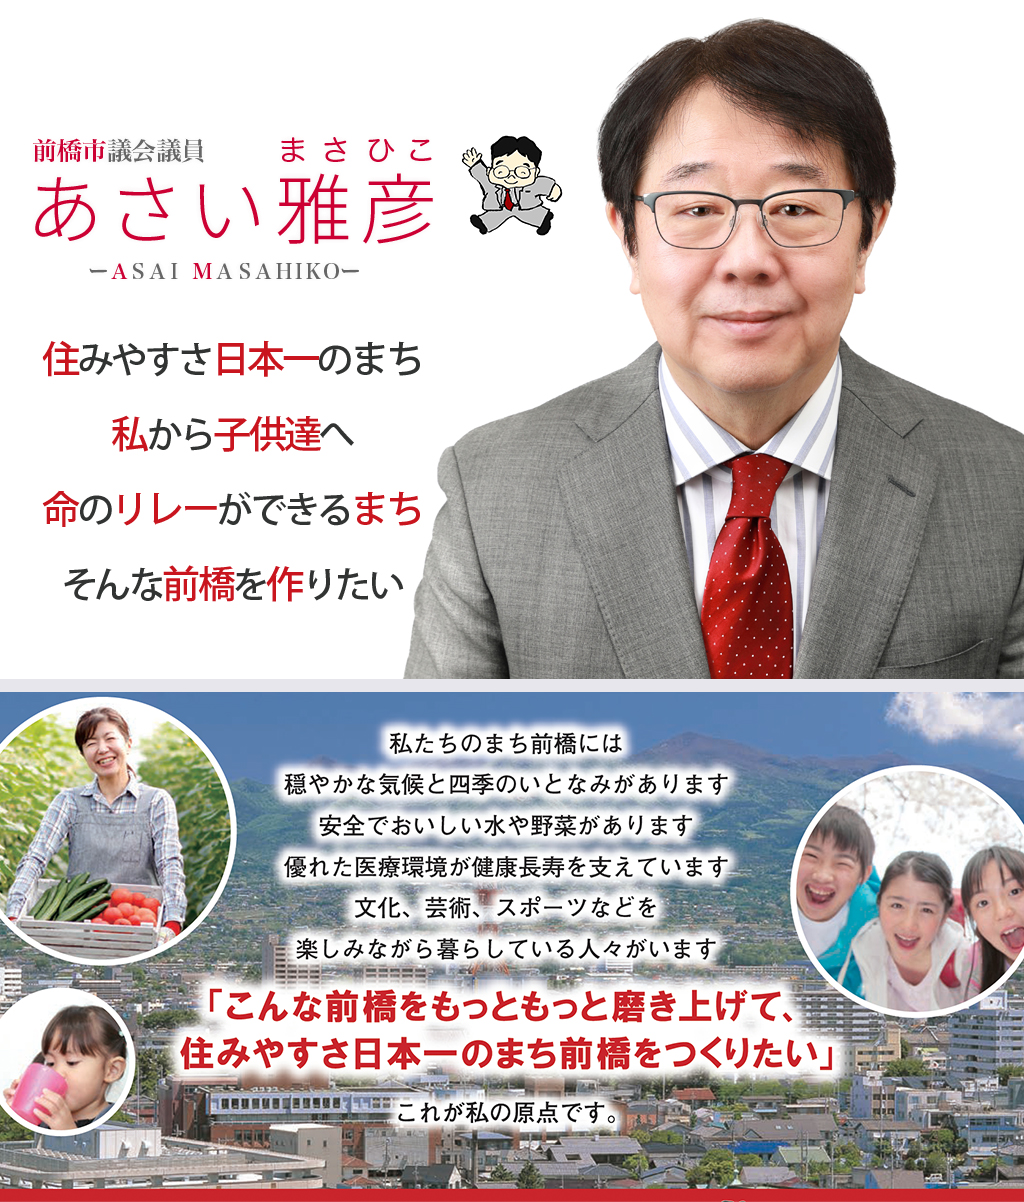 前橋 市議会 議員 入沢まゆ子-入澤繭子【前橋市議会議員】